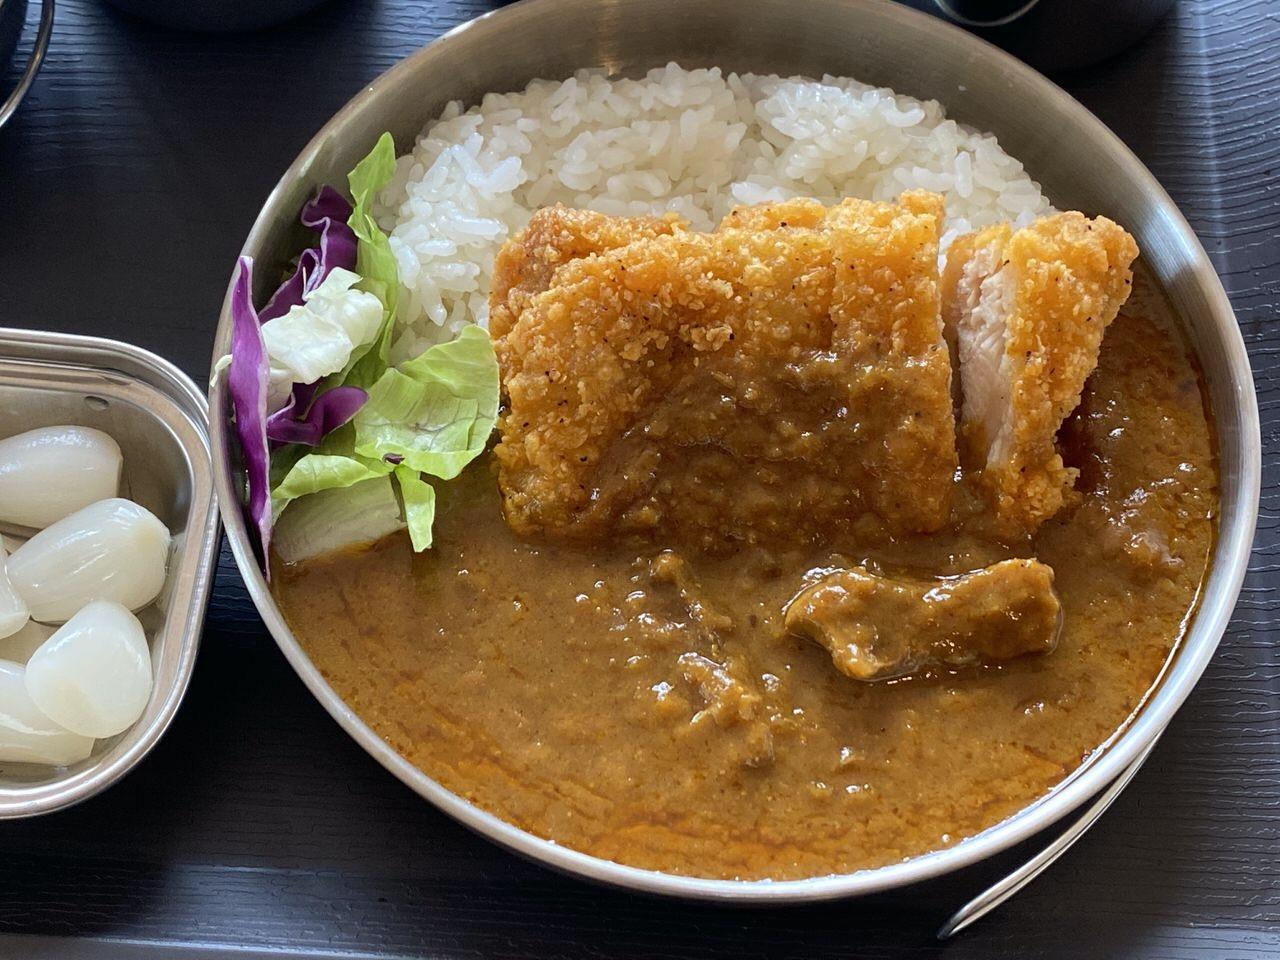 【ローソン】新宿中村屋のレトルトカリーとLチキで作るチキンカツカレーは良い感じだぞ、君! #金曜日はローソンでカレー #オジ旅PR